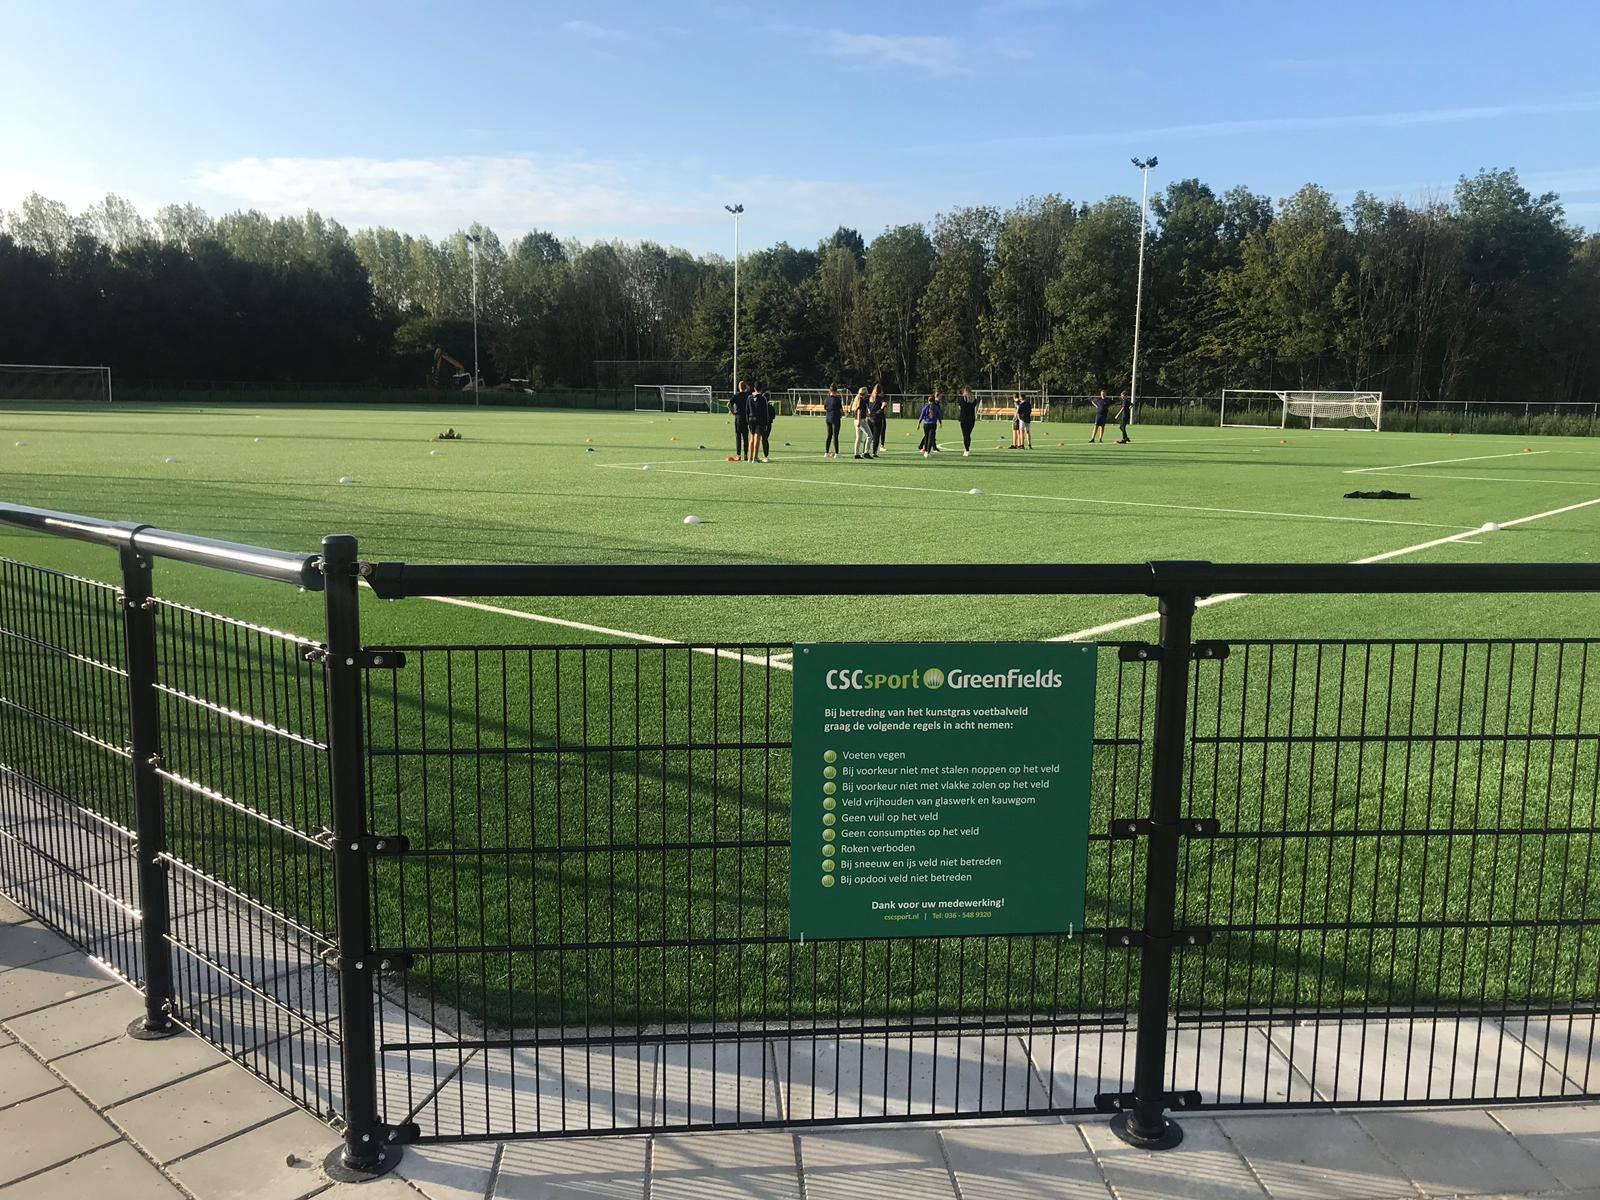 Twee prachtige kunstgras voetbalvelden met PRO-gran infill geïnstalleerd